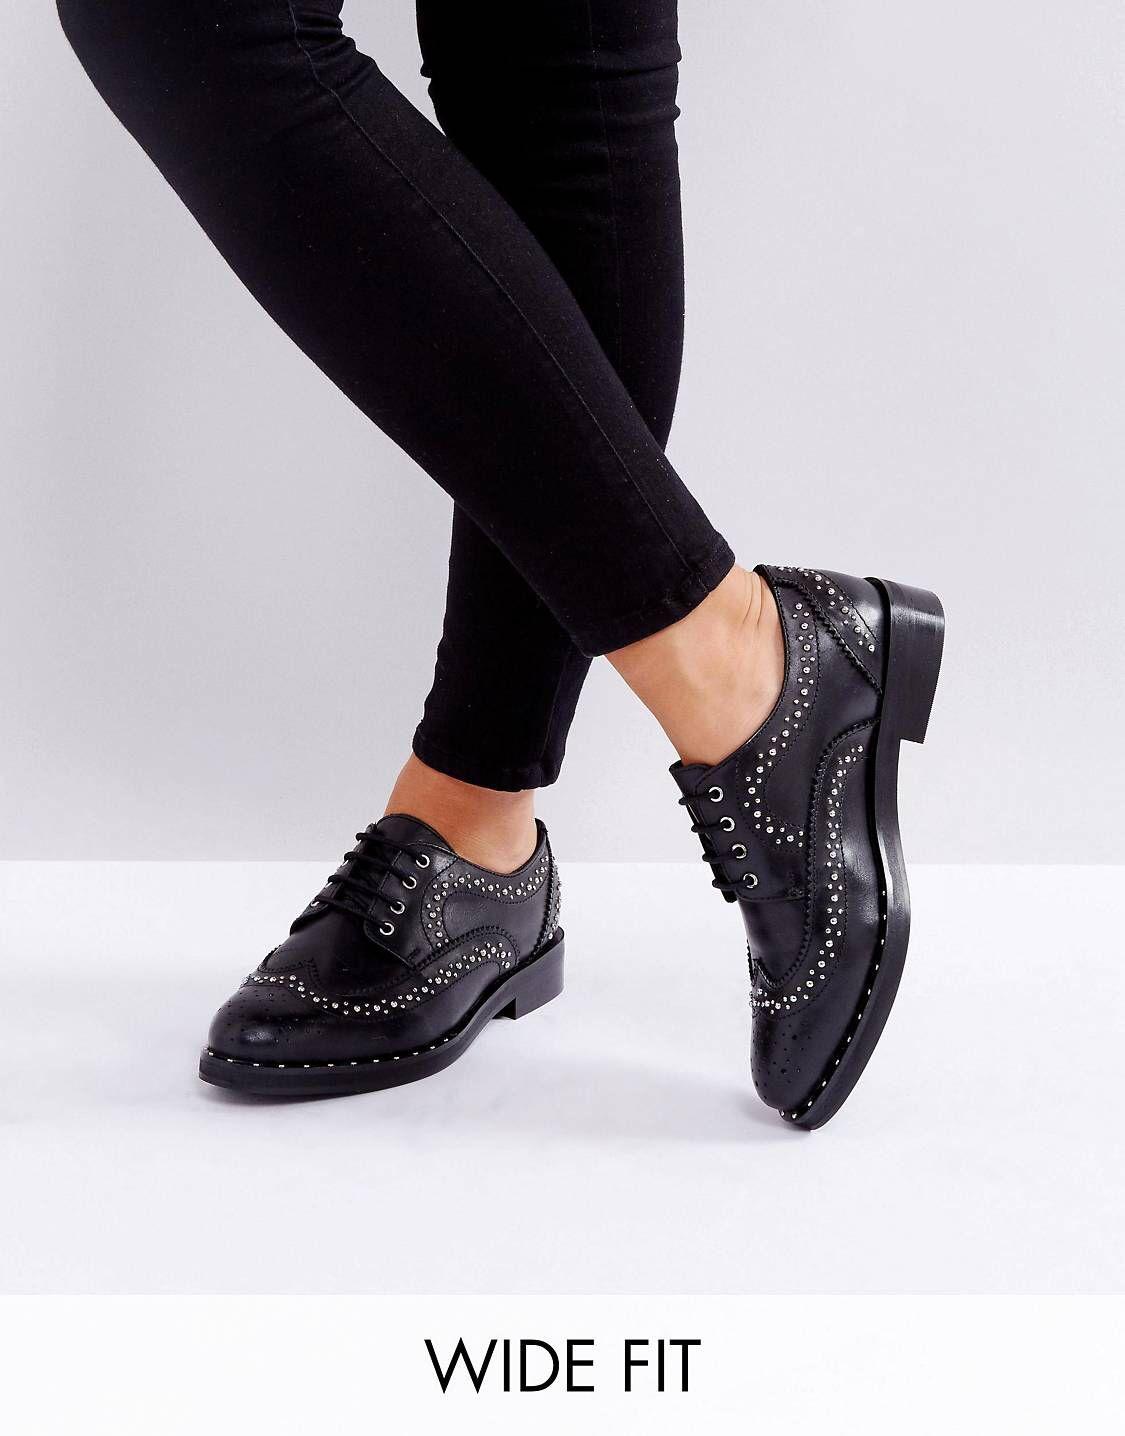 Zapatos planos de ancho especial en cuero con tachuelas MONTEREY de ASOS Asos lDEv3gLs